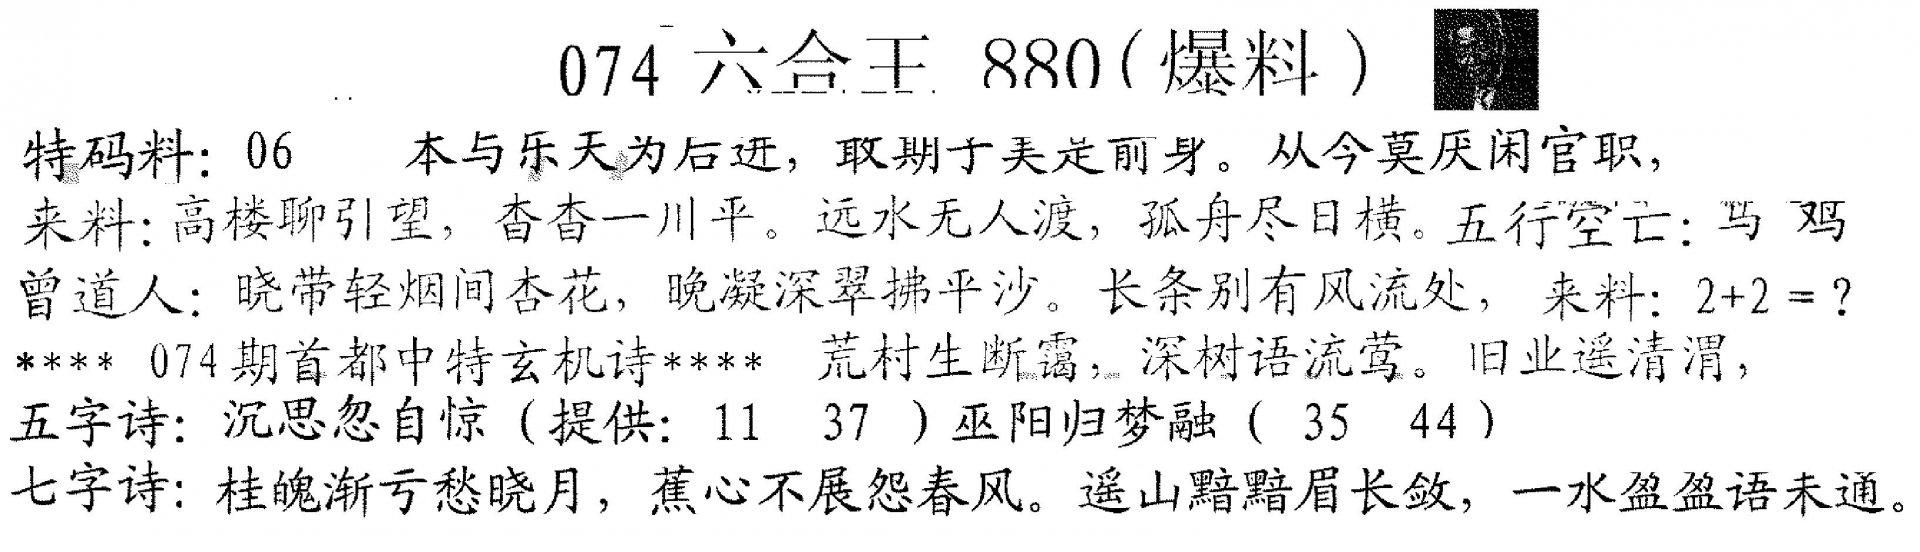 074期880来料(黑白)